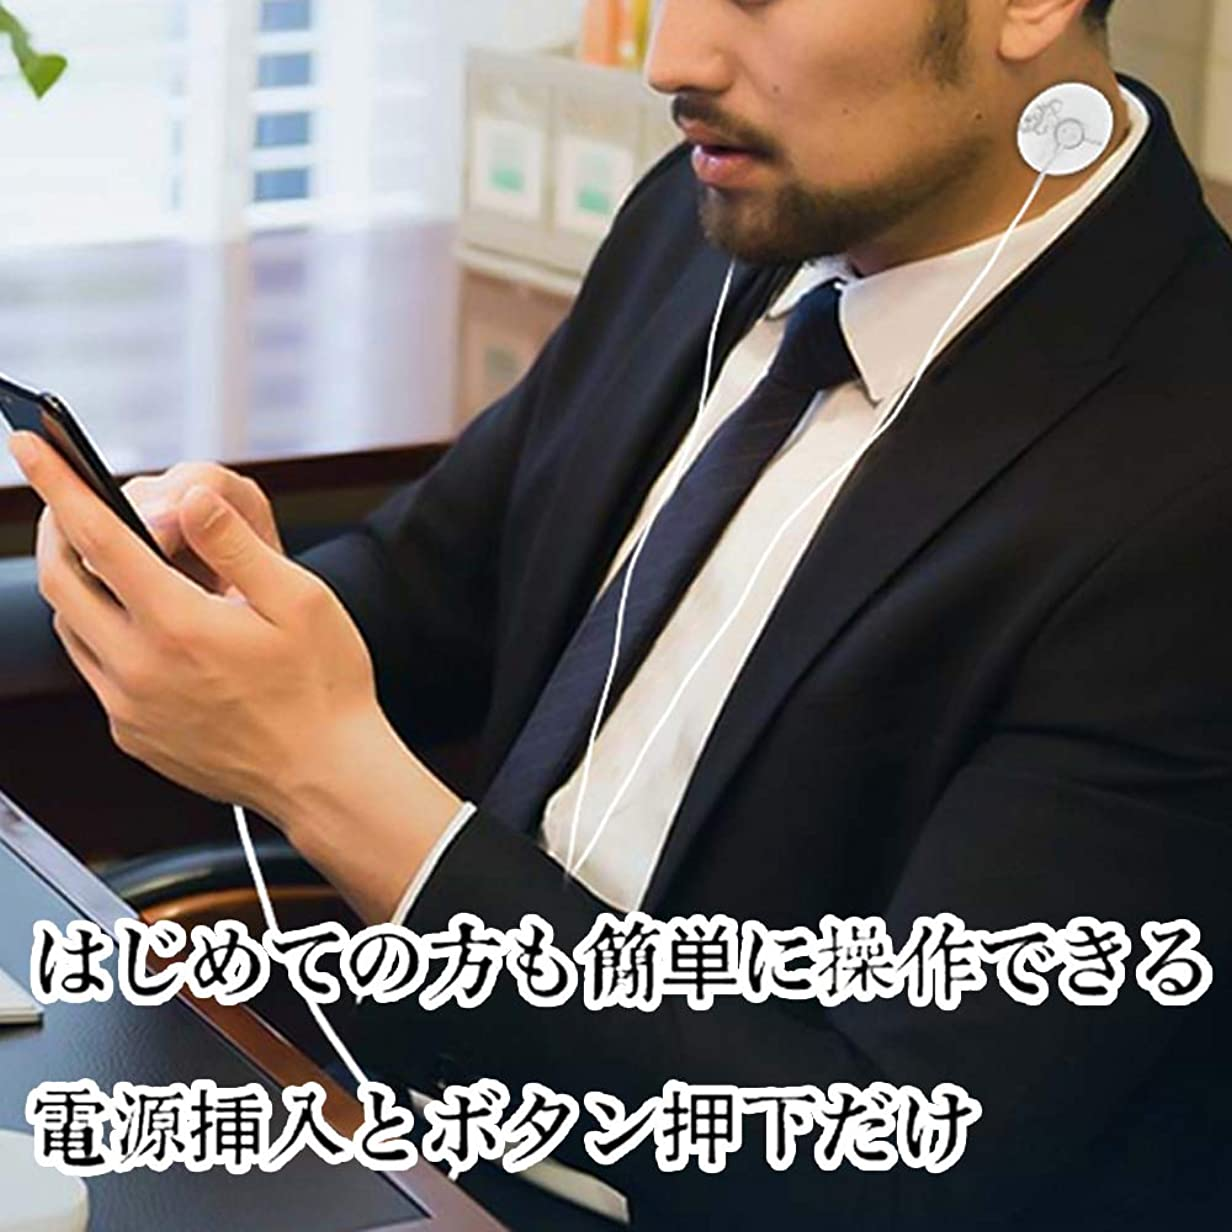 行為臨検失礼なEMS低周波治療器 マッサージ機 肩こり 疲労 肩の痛み ストレス解消 痛み緩和 6種類のマッサージモード 8段階調節 リラックス 血行促進 神経痛 健康家電 専用粘着パッド付属 電気式 小型 マッサージ器 肩 腰 ふくらはぎ 日本語取扱書